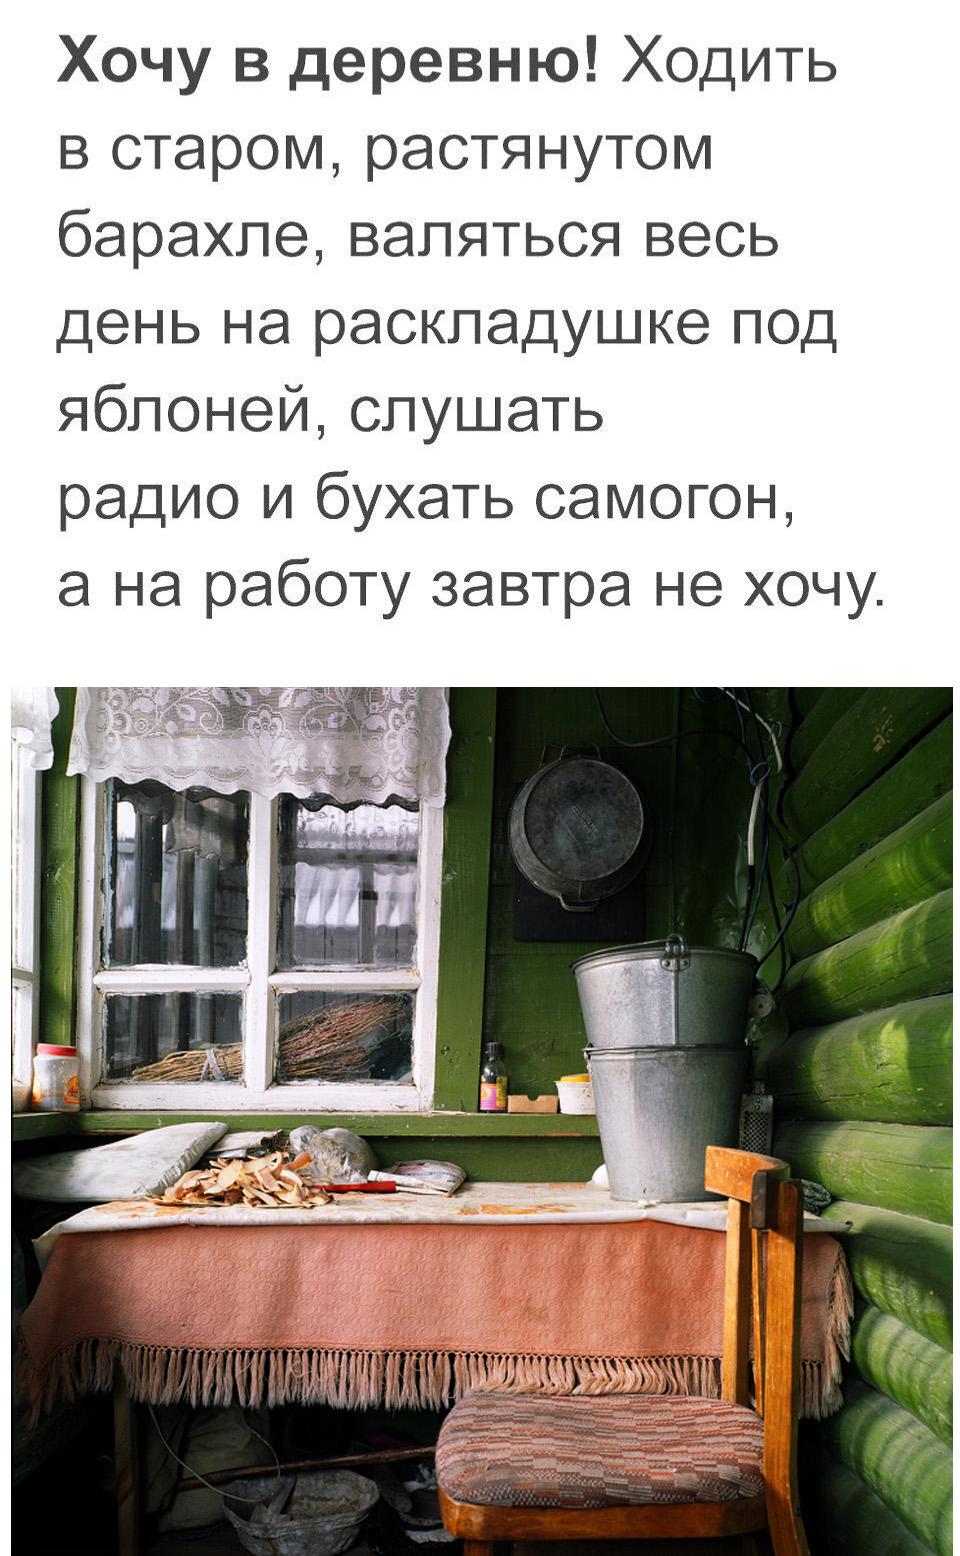 https://sun9-52.userapi.com/c635106/v635106075/2330e/Z0nhidaFyts.jpg